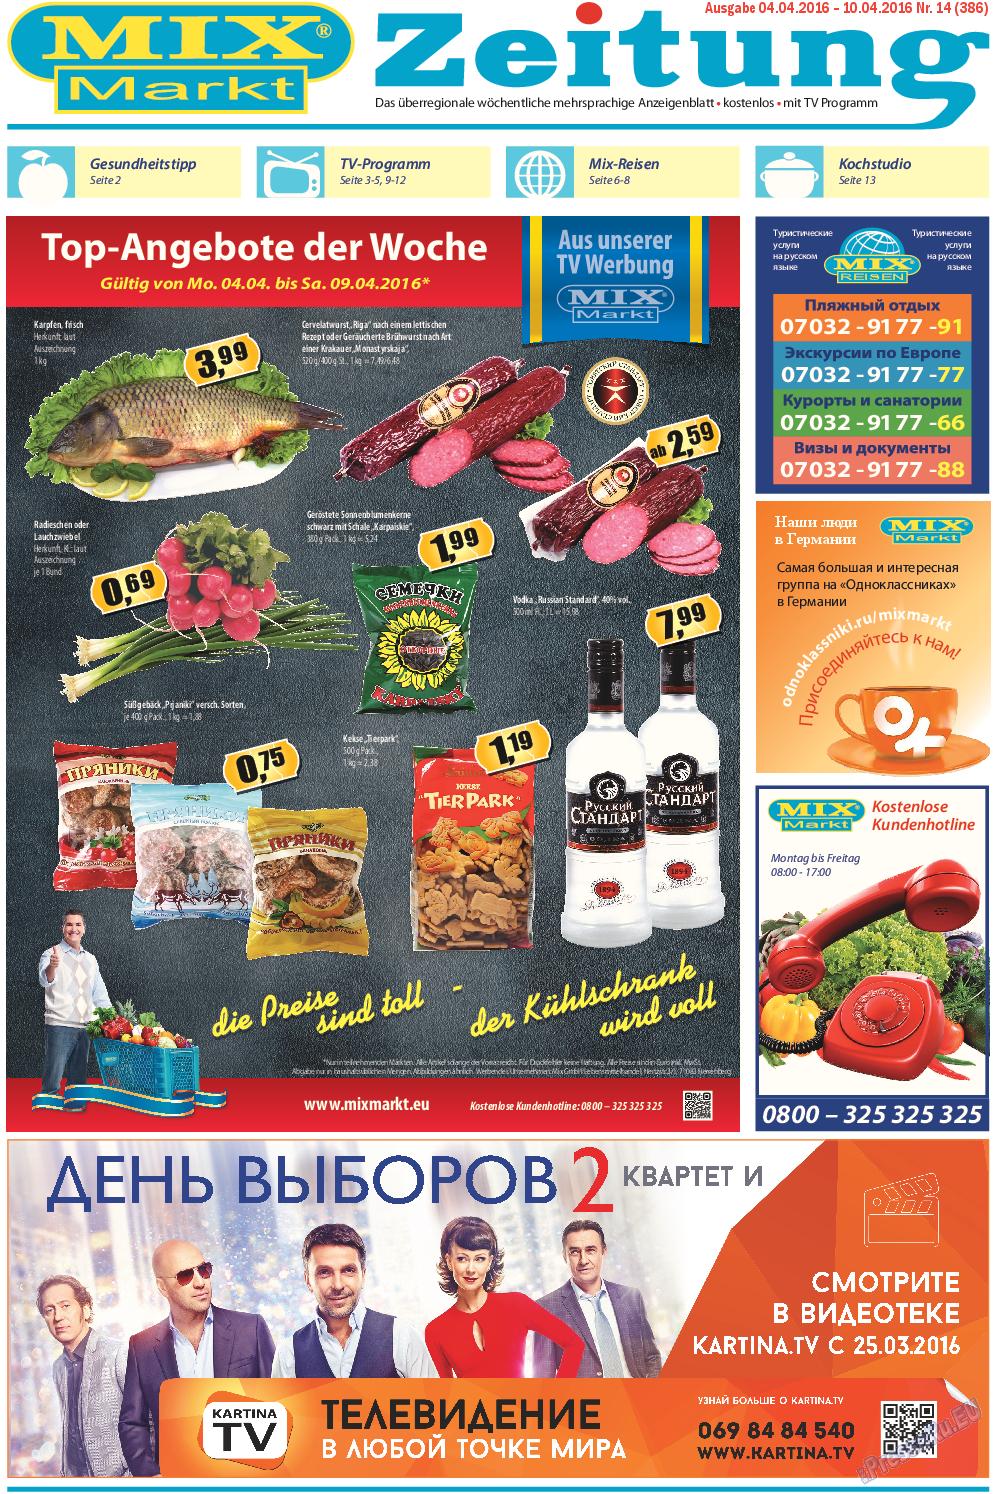 MIX-Markt Zeitung (газета). 2016 год, номер 14, стр. 1